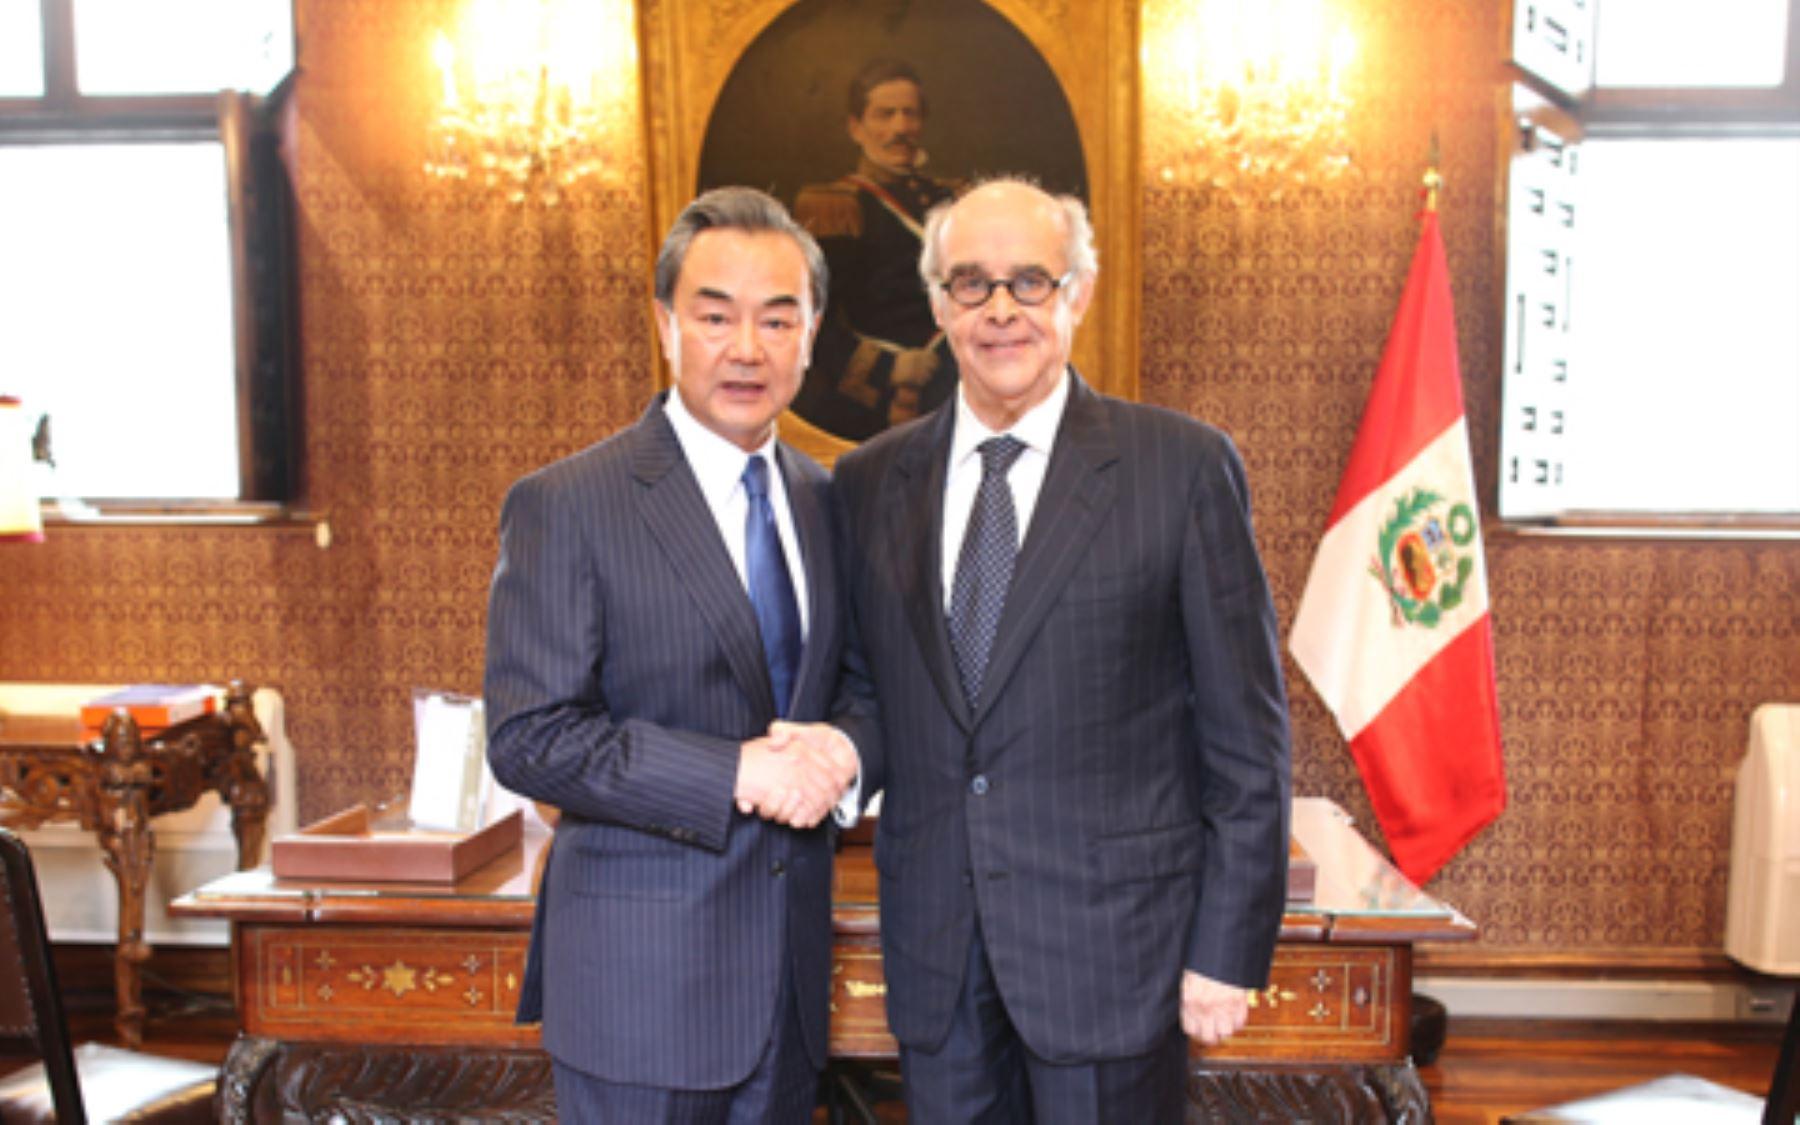 El ministro peruano de Relaciones Exteriores, Ricardo Luna, se reunió con el canciller de China, Wang Yi. Difusión